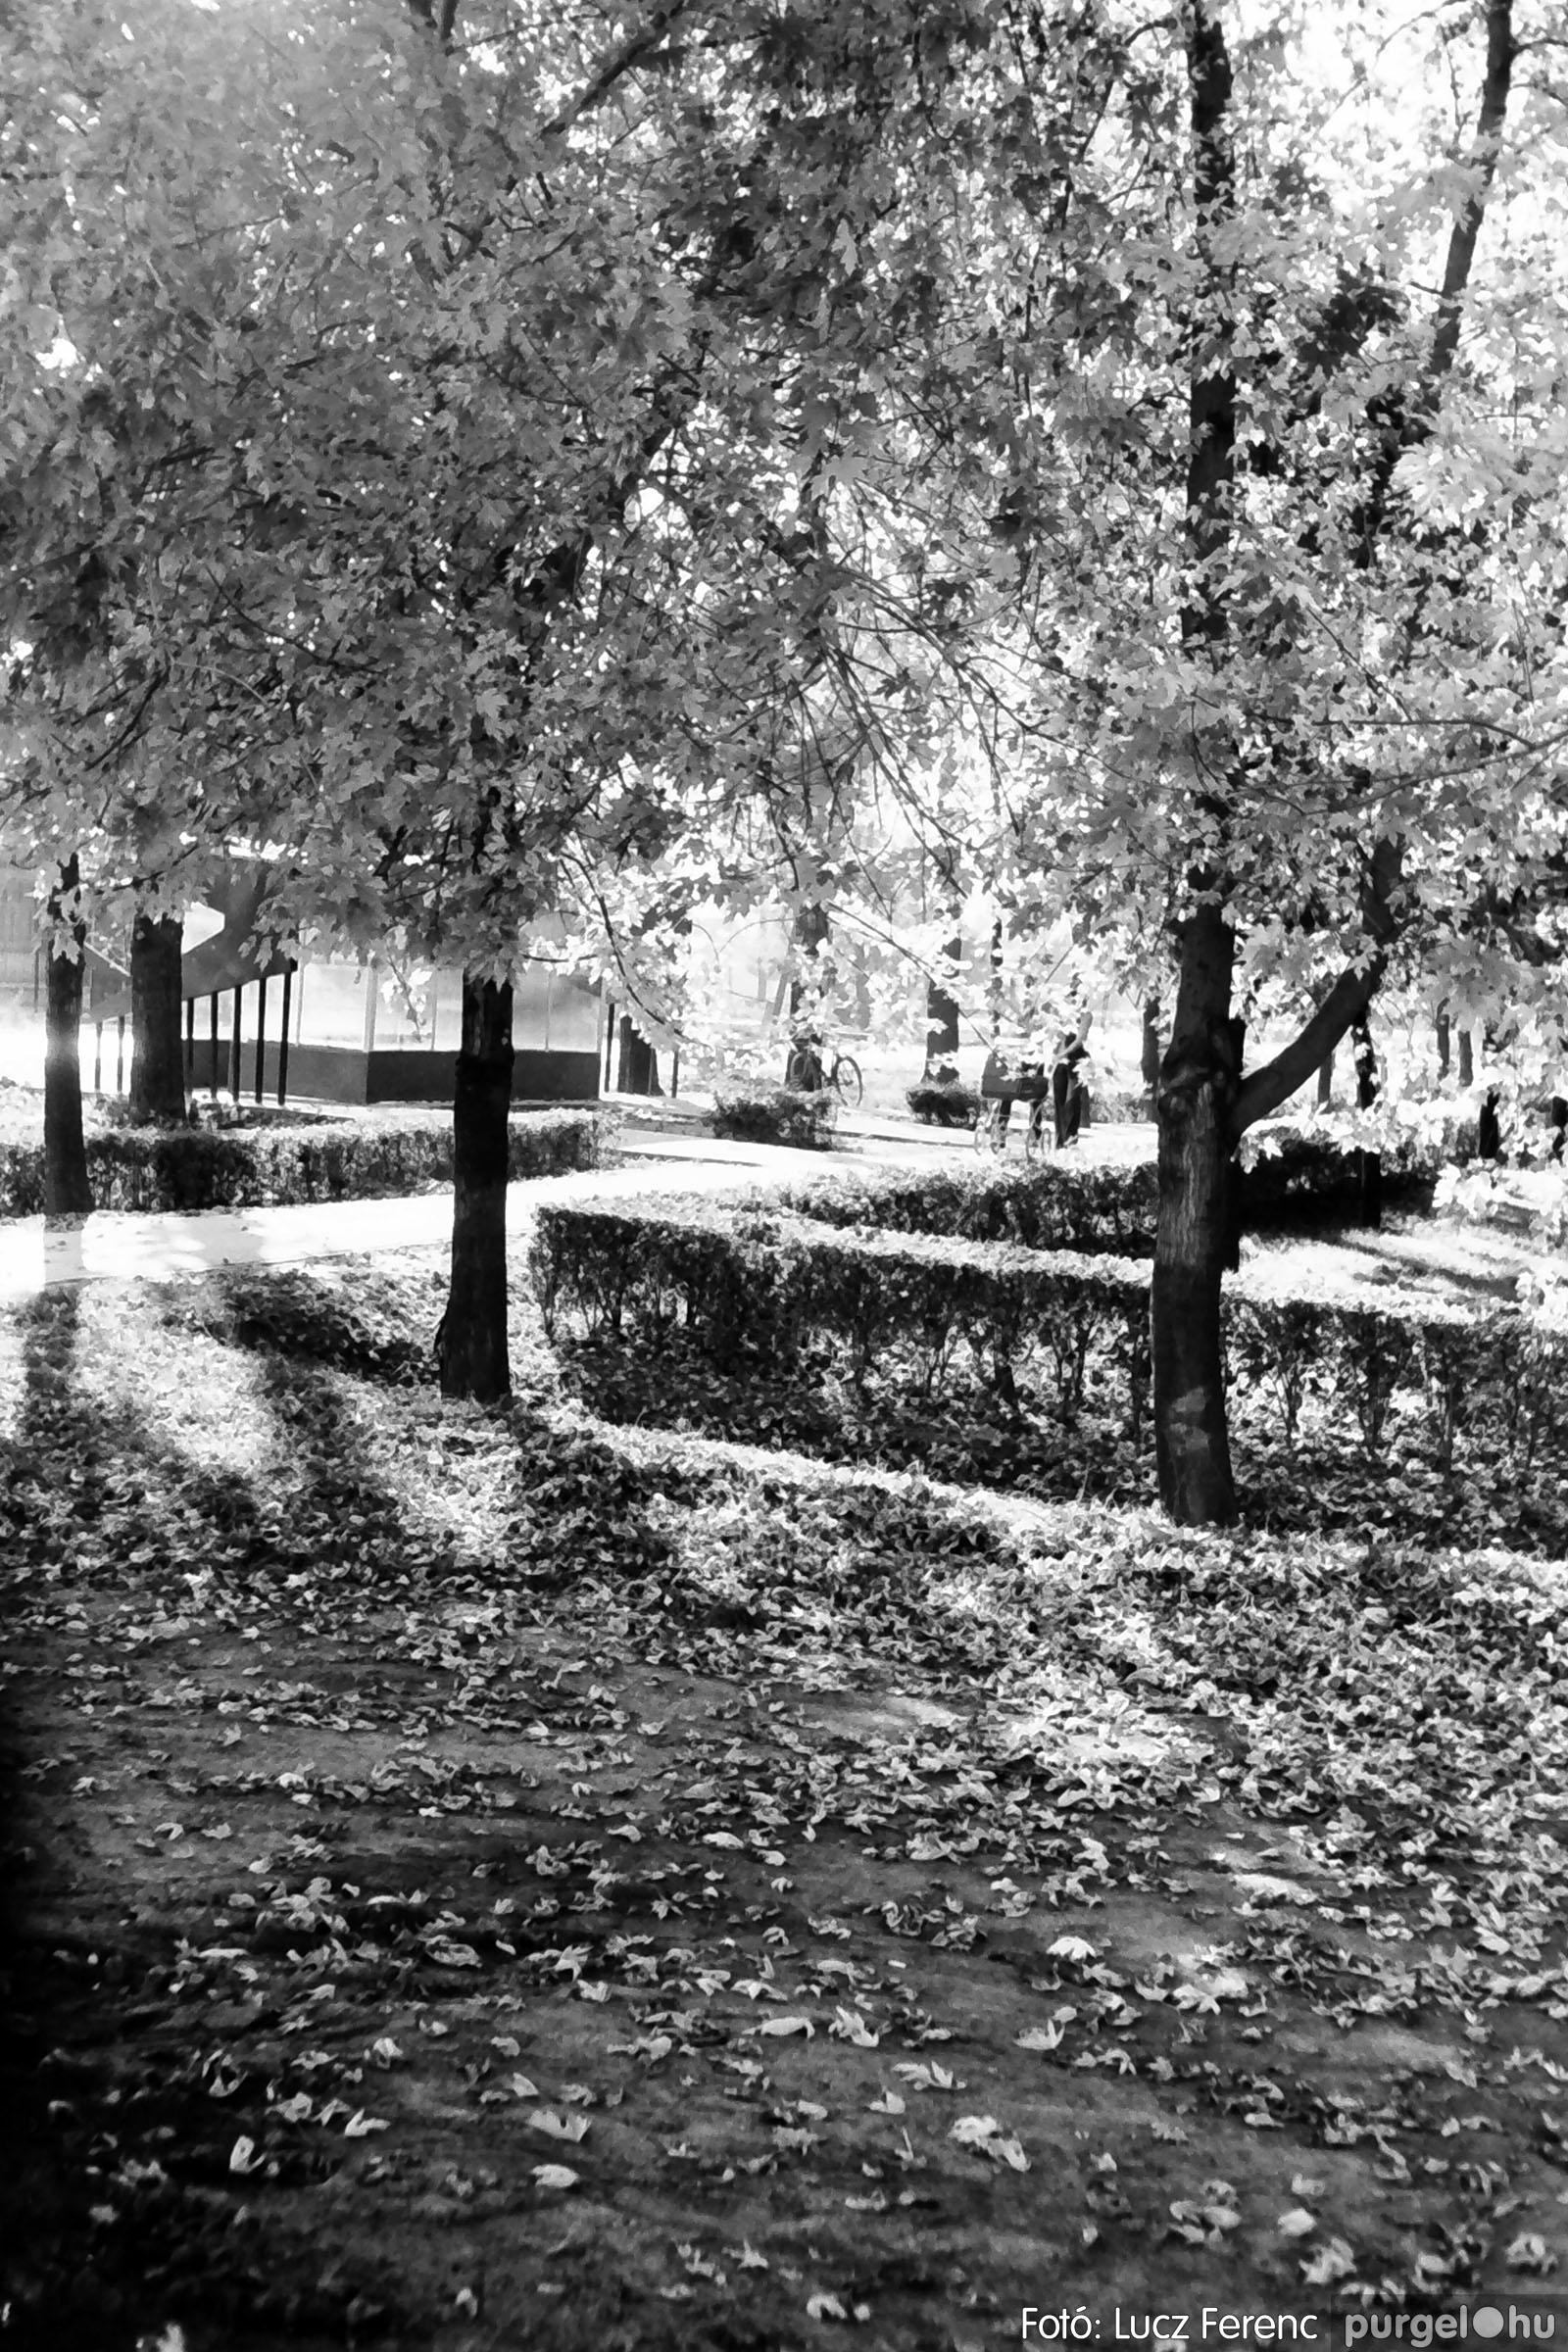 022 1975. Kurca, faluközpont, sportpálya 004 - Fotó: Lucz Ferenc .jpg